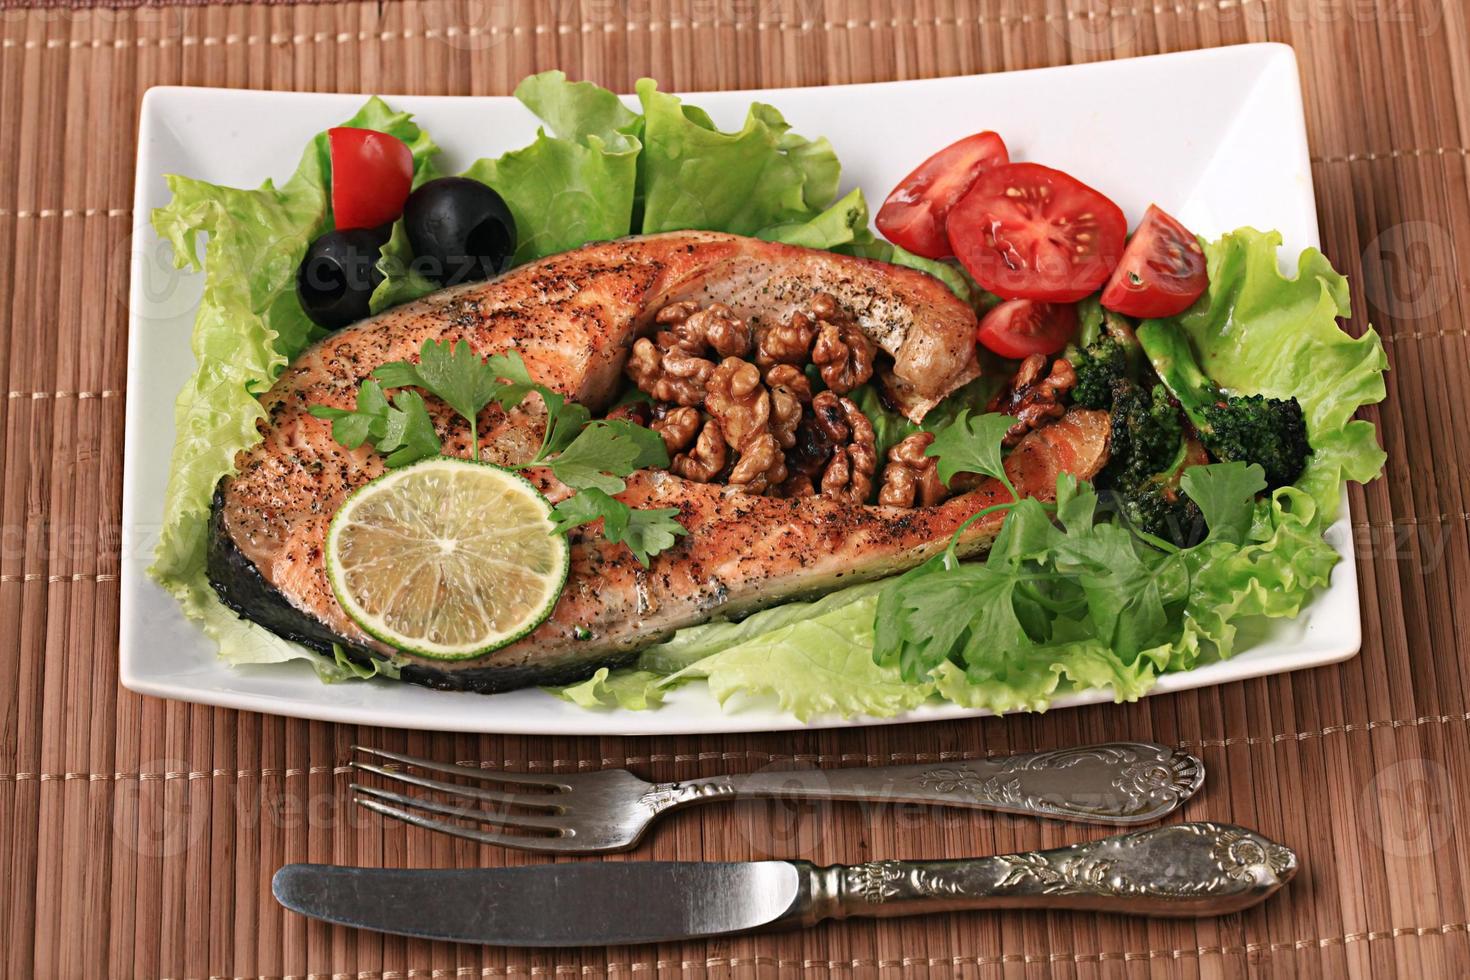 Gegrillter Lachs mit Salat und Nüssen foto